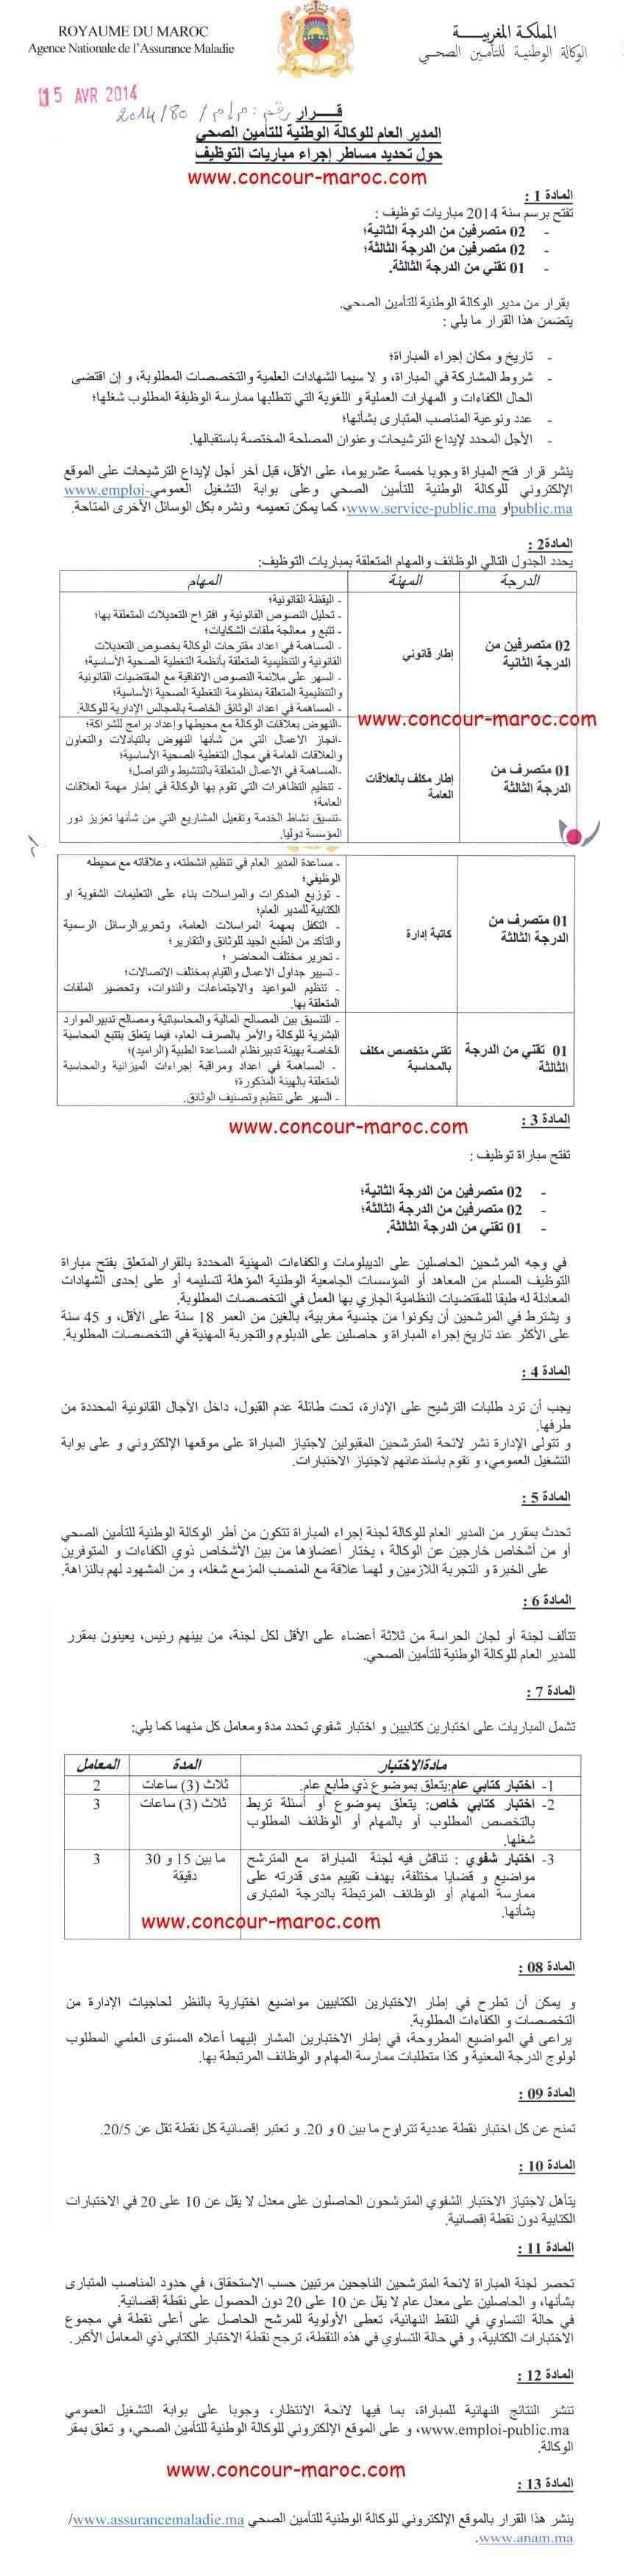 الوكالة الوطنية للتأمين الصحي : مباراة لتوظيف إطار قانوني (2 منصبان) آخر أجل لإيداع الترشيحات 5 ماي 2014 Conco111